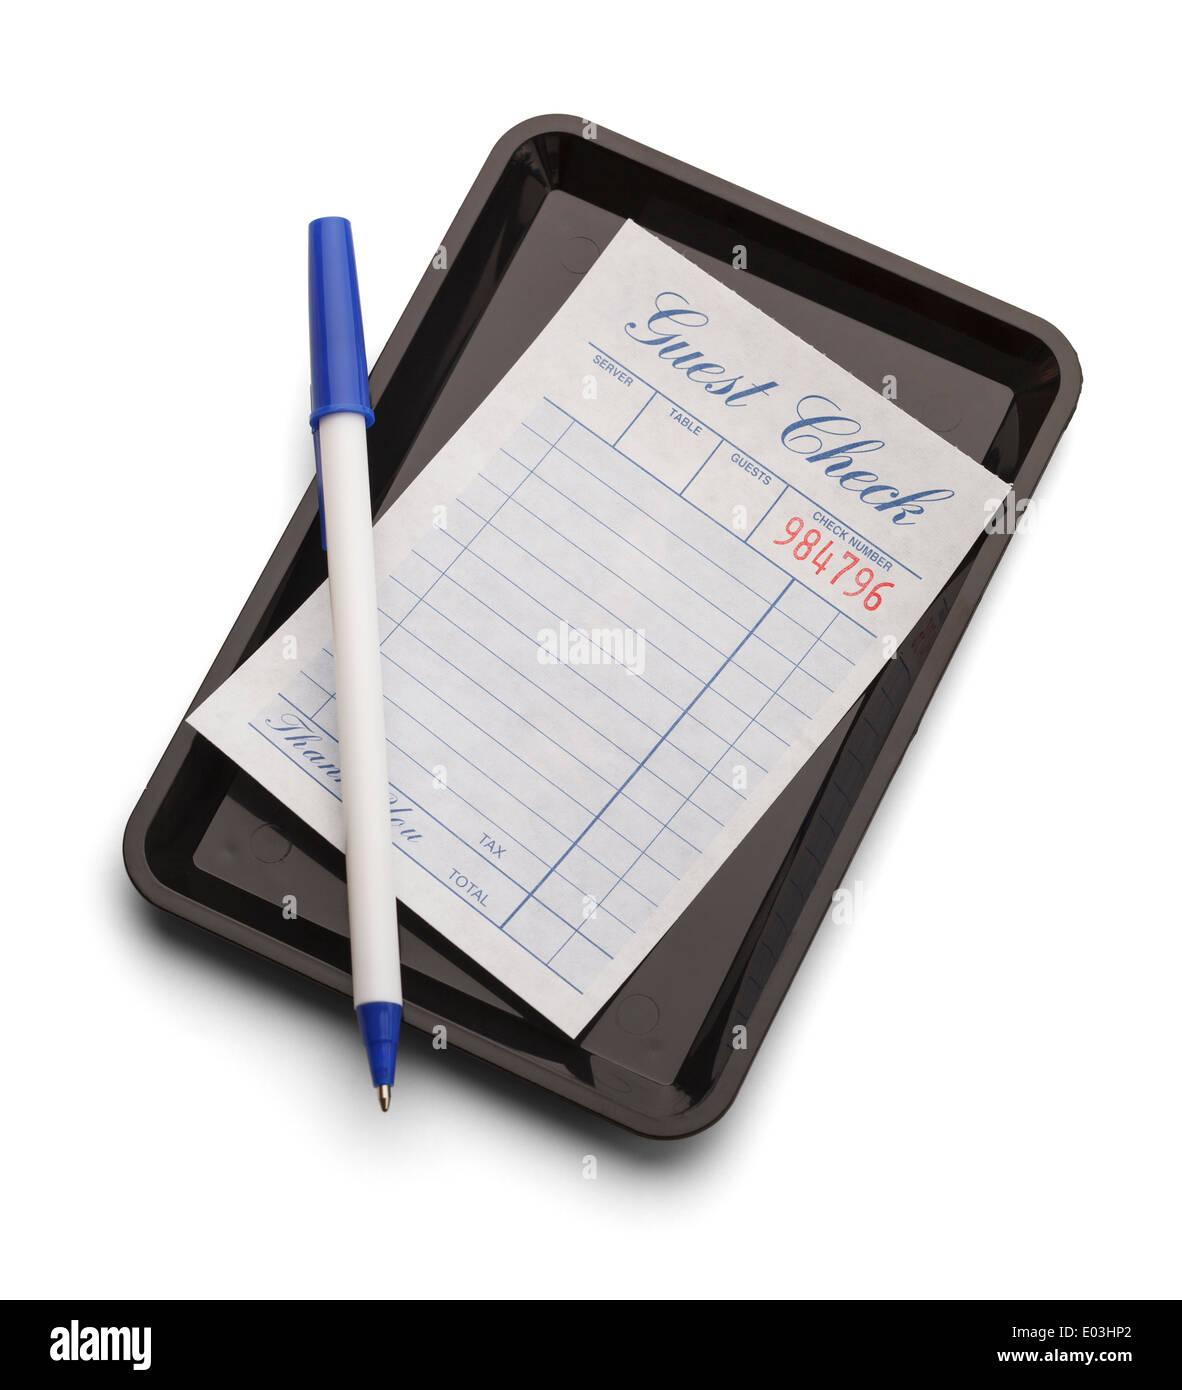 Schwarze Schale mit blau kariert und Stift isoliert auf einem weißen Hintergrund. Stockbild